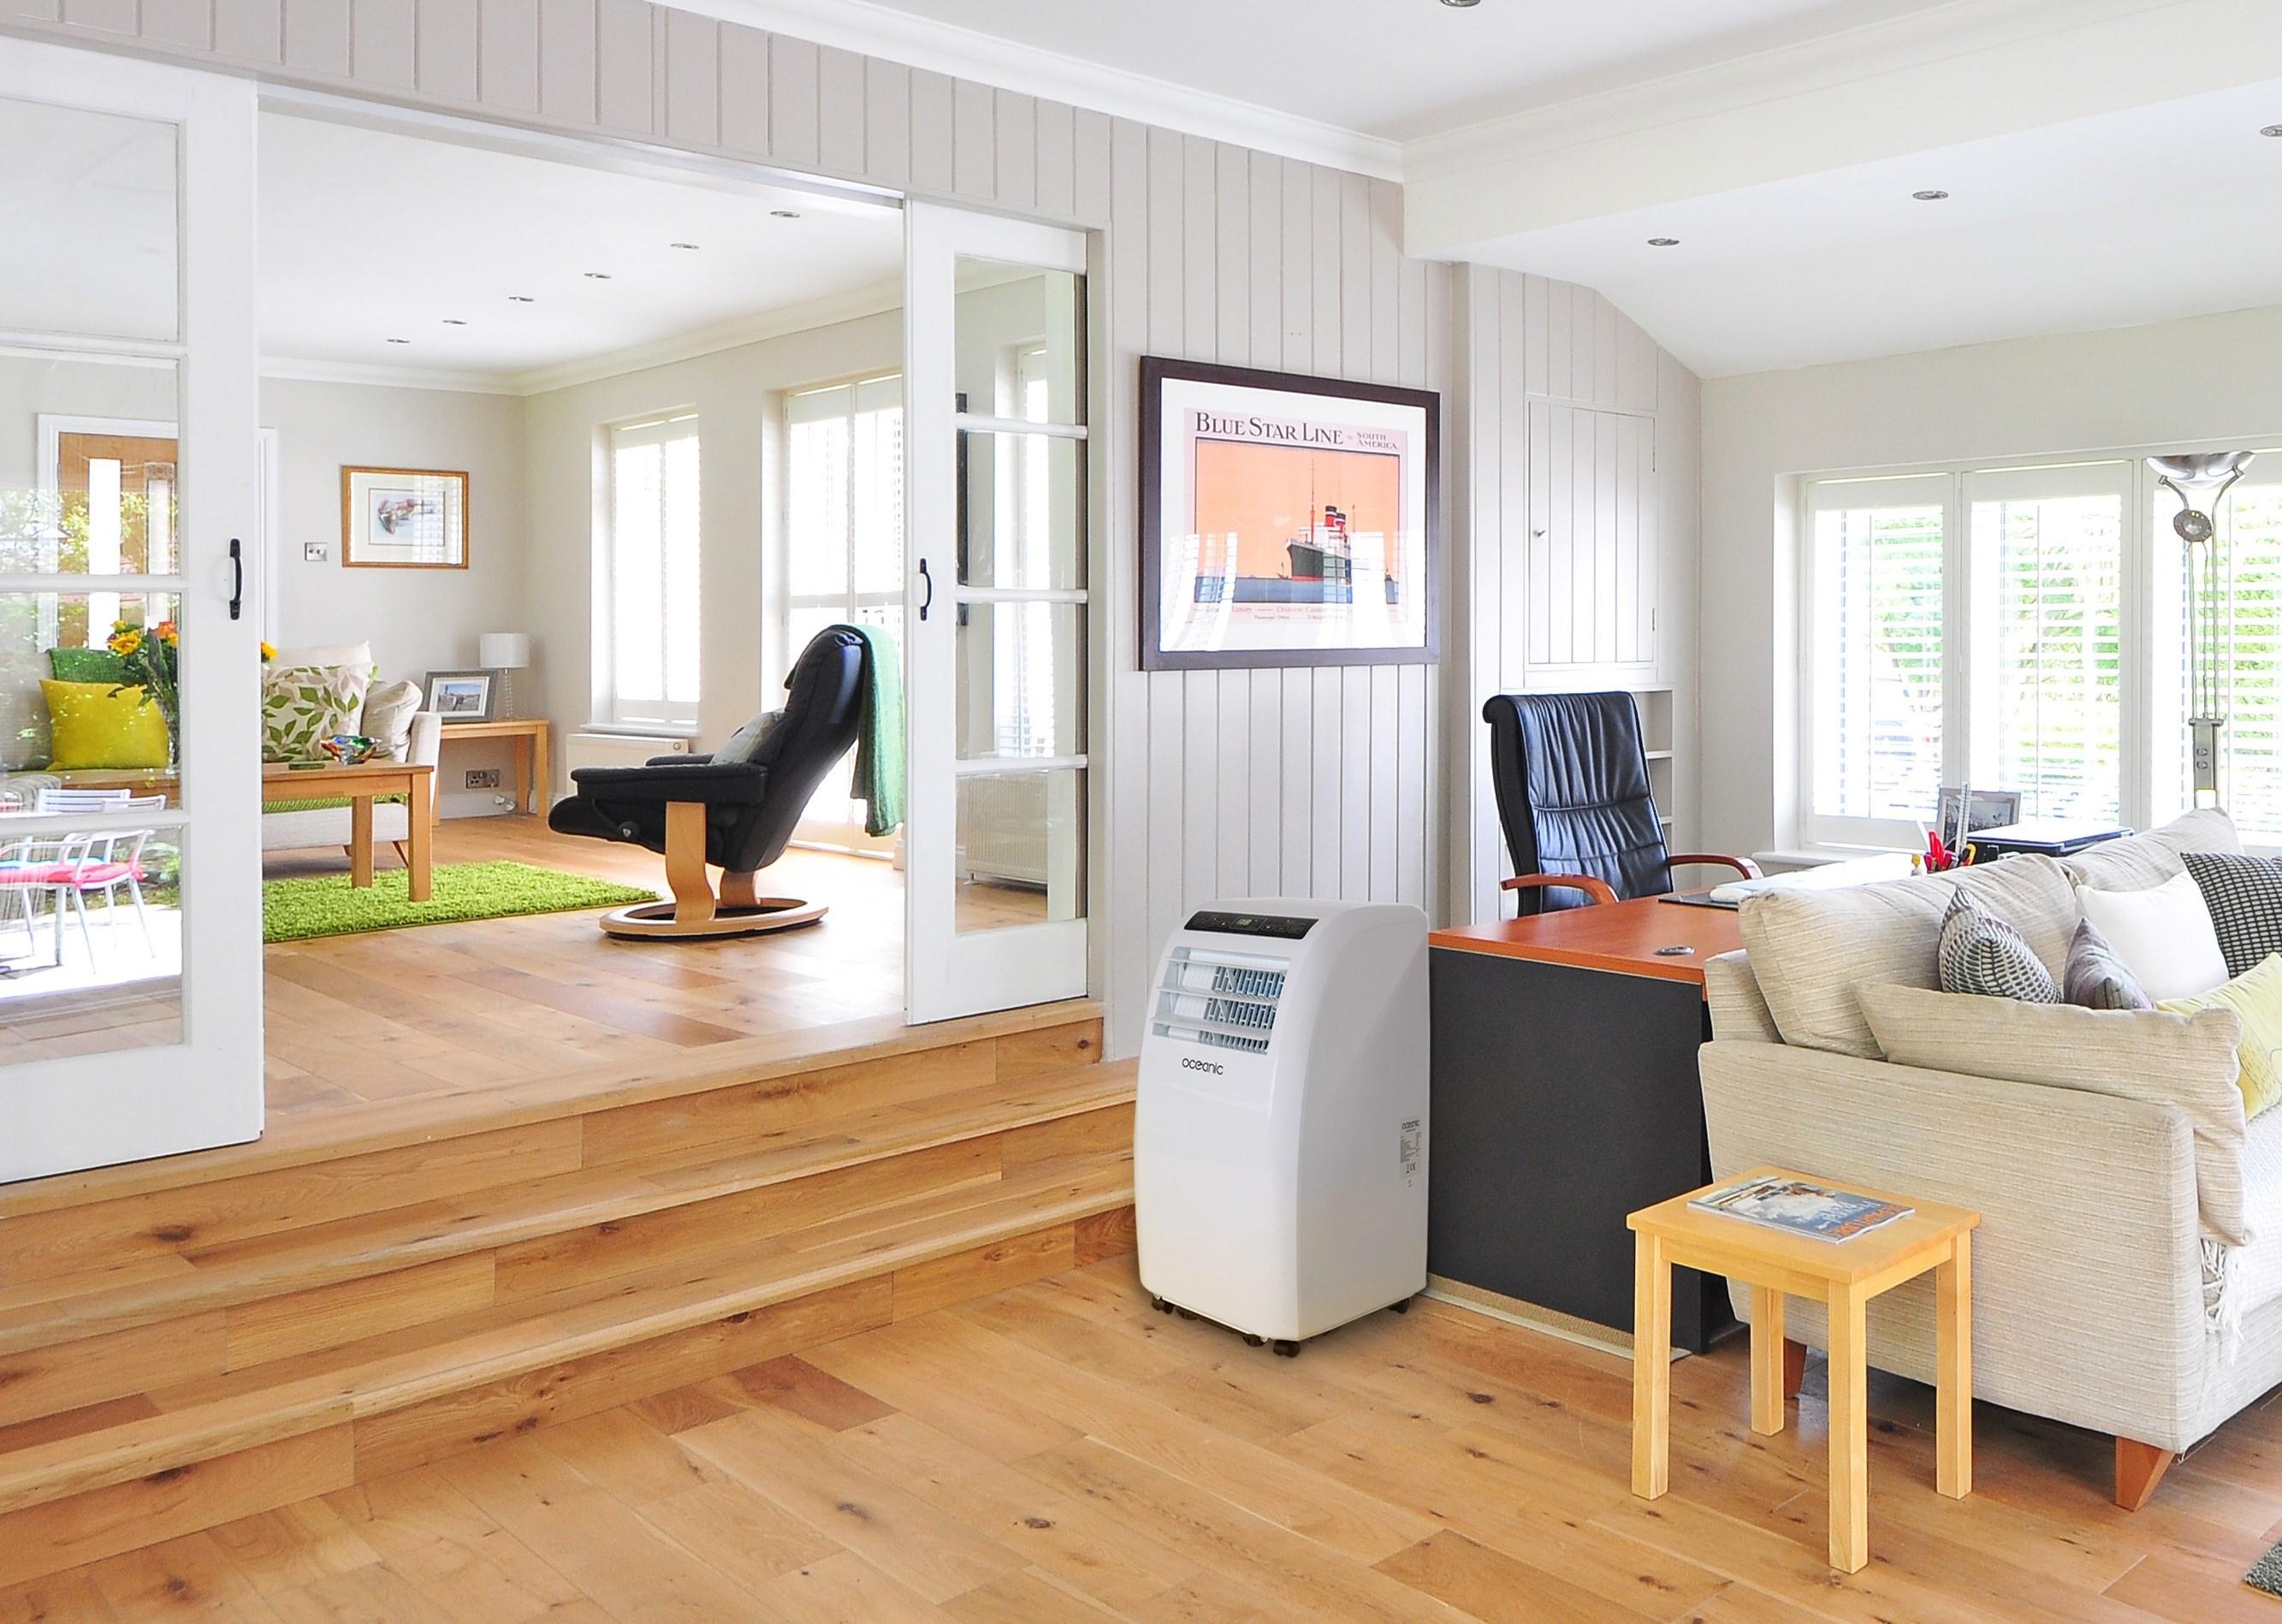 les meilleurs climatiseurs reversibles classement comparatif guide d 39 achat de 2018. Black Bedroom Furniture Sets. Home Design Ideas